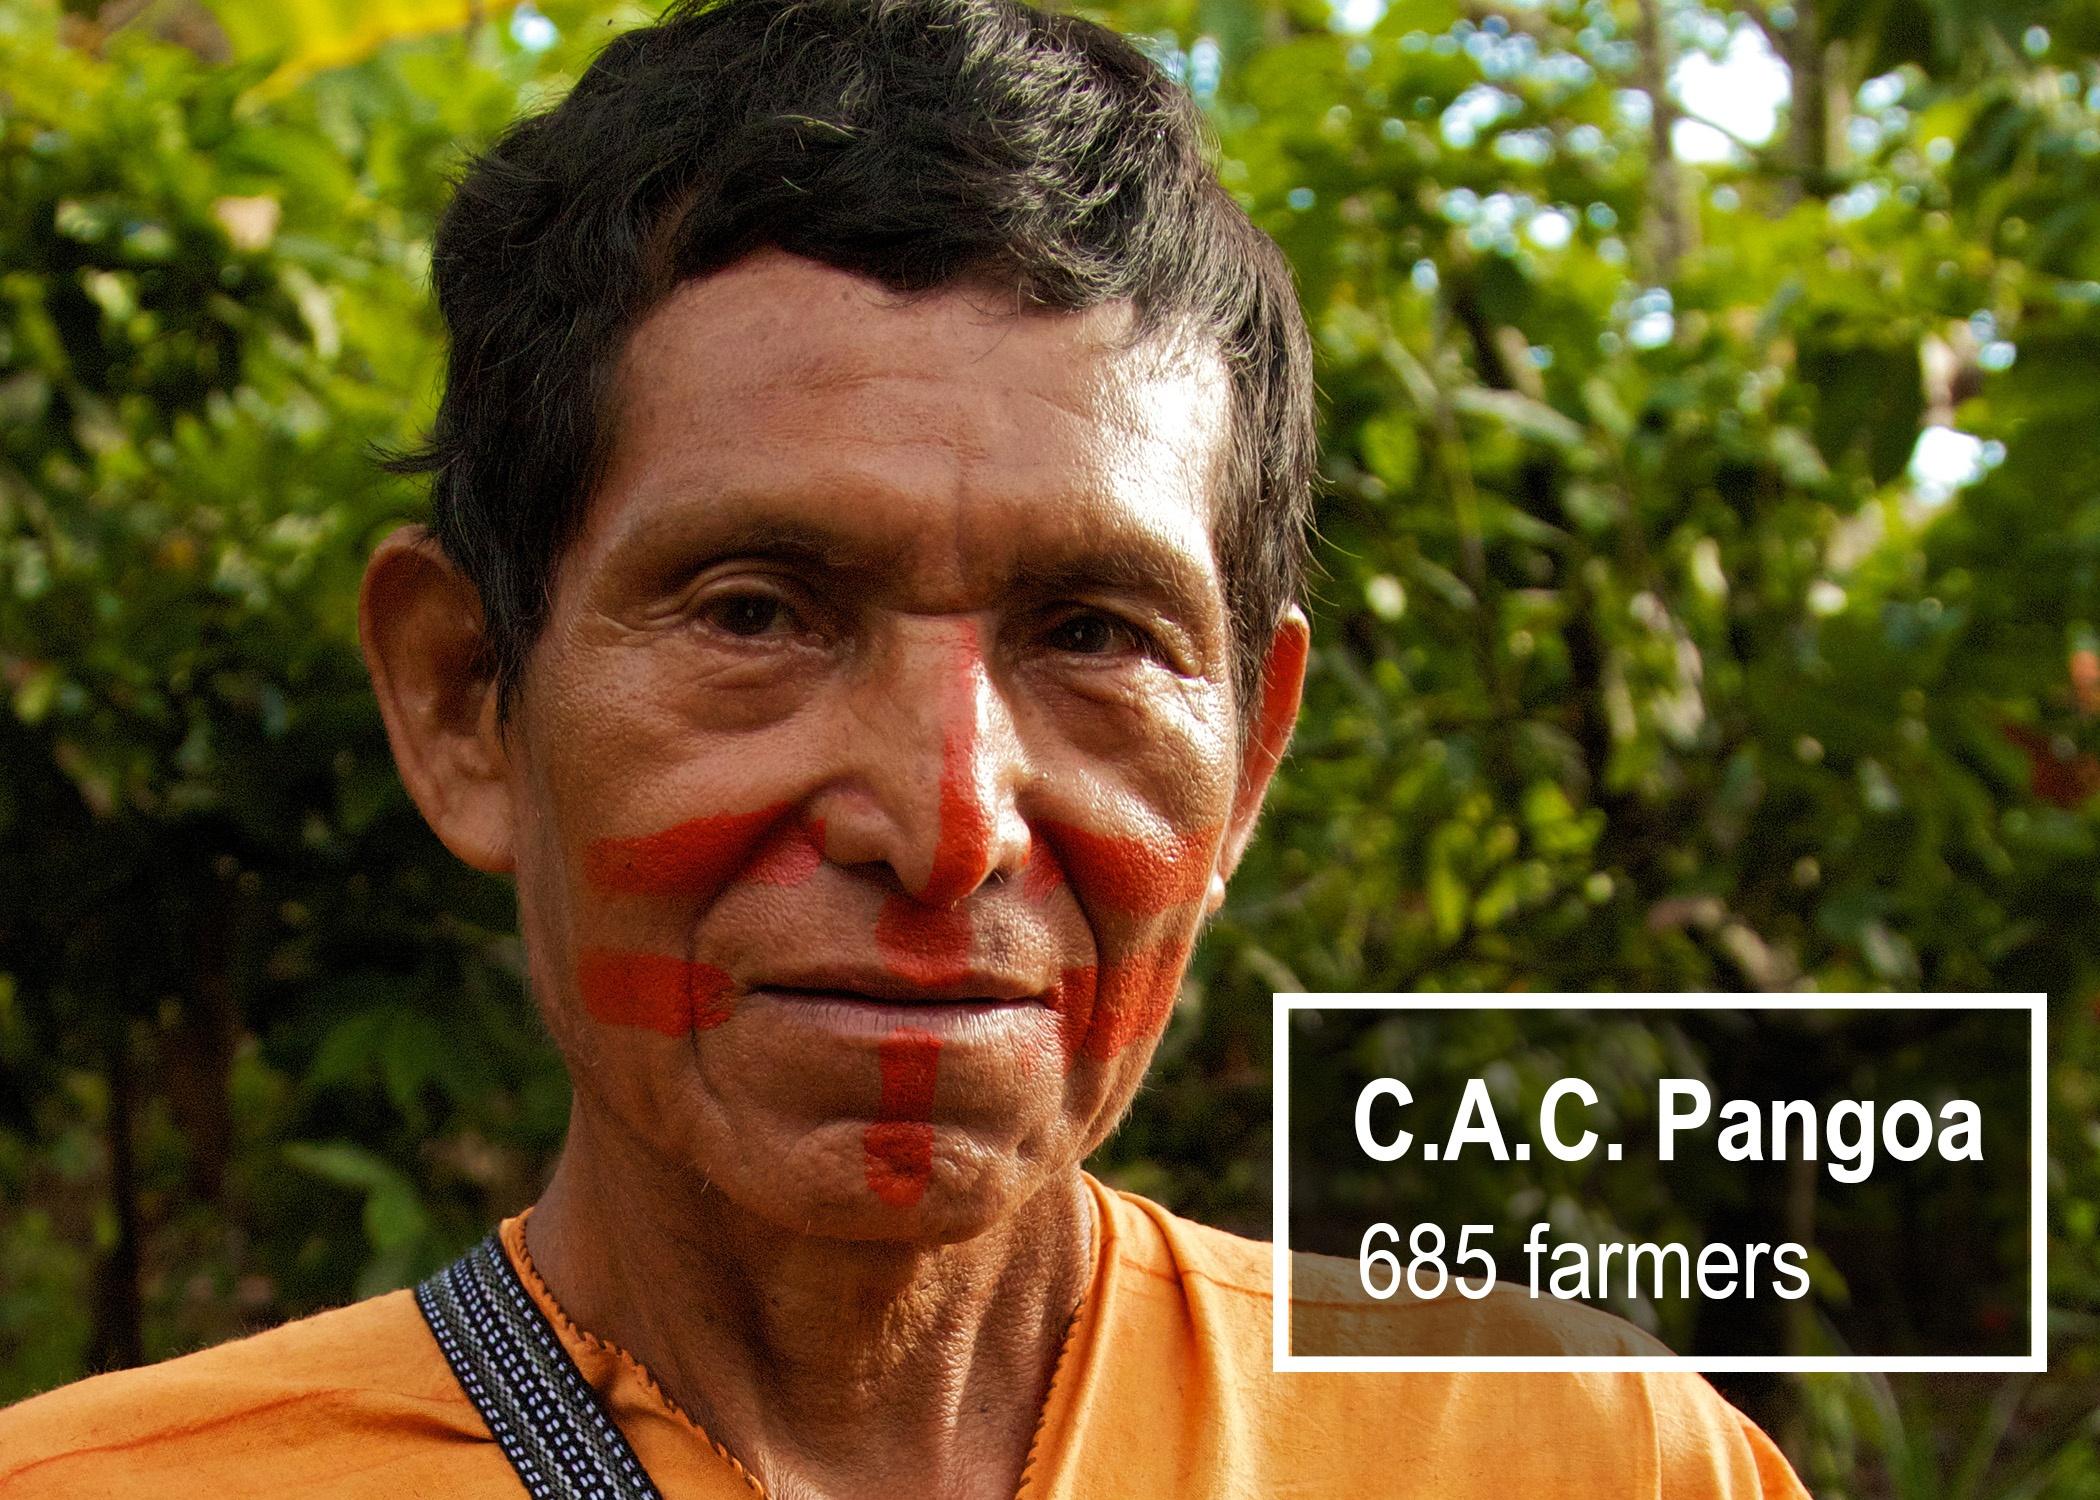 C.A.C. Pangoa, Peru